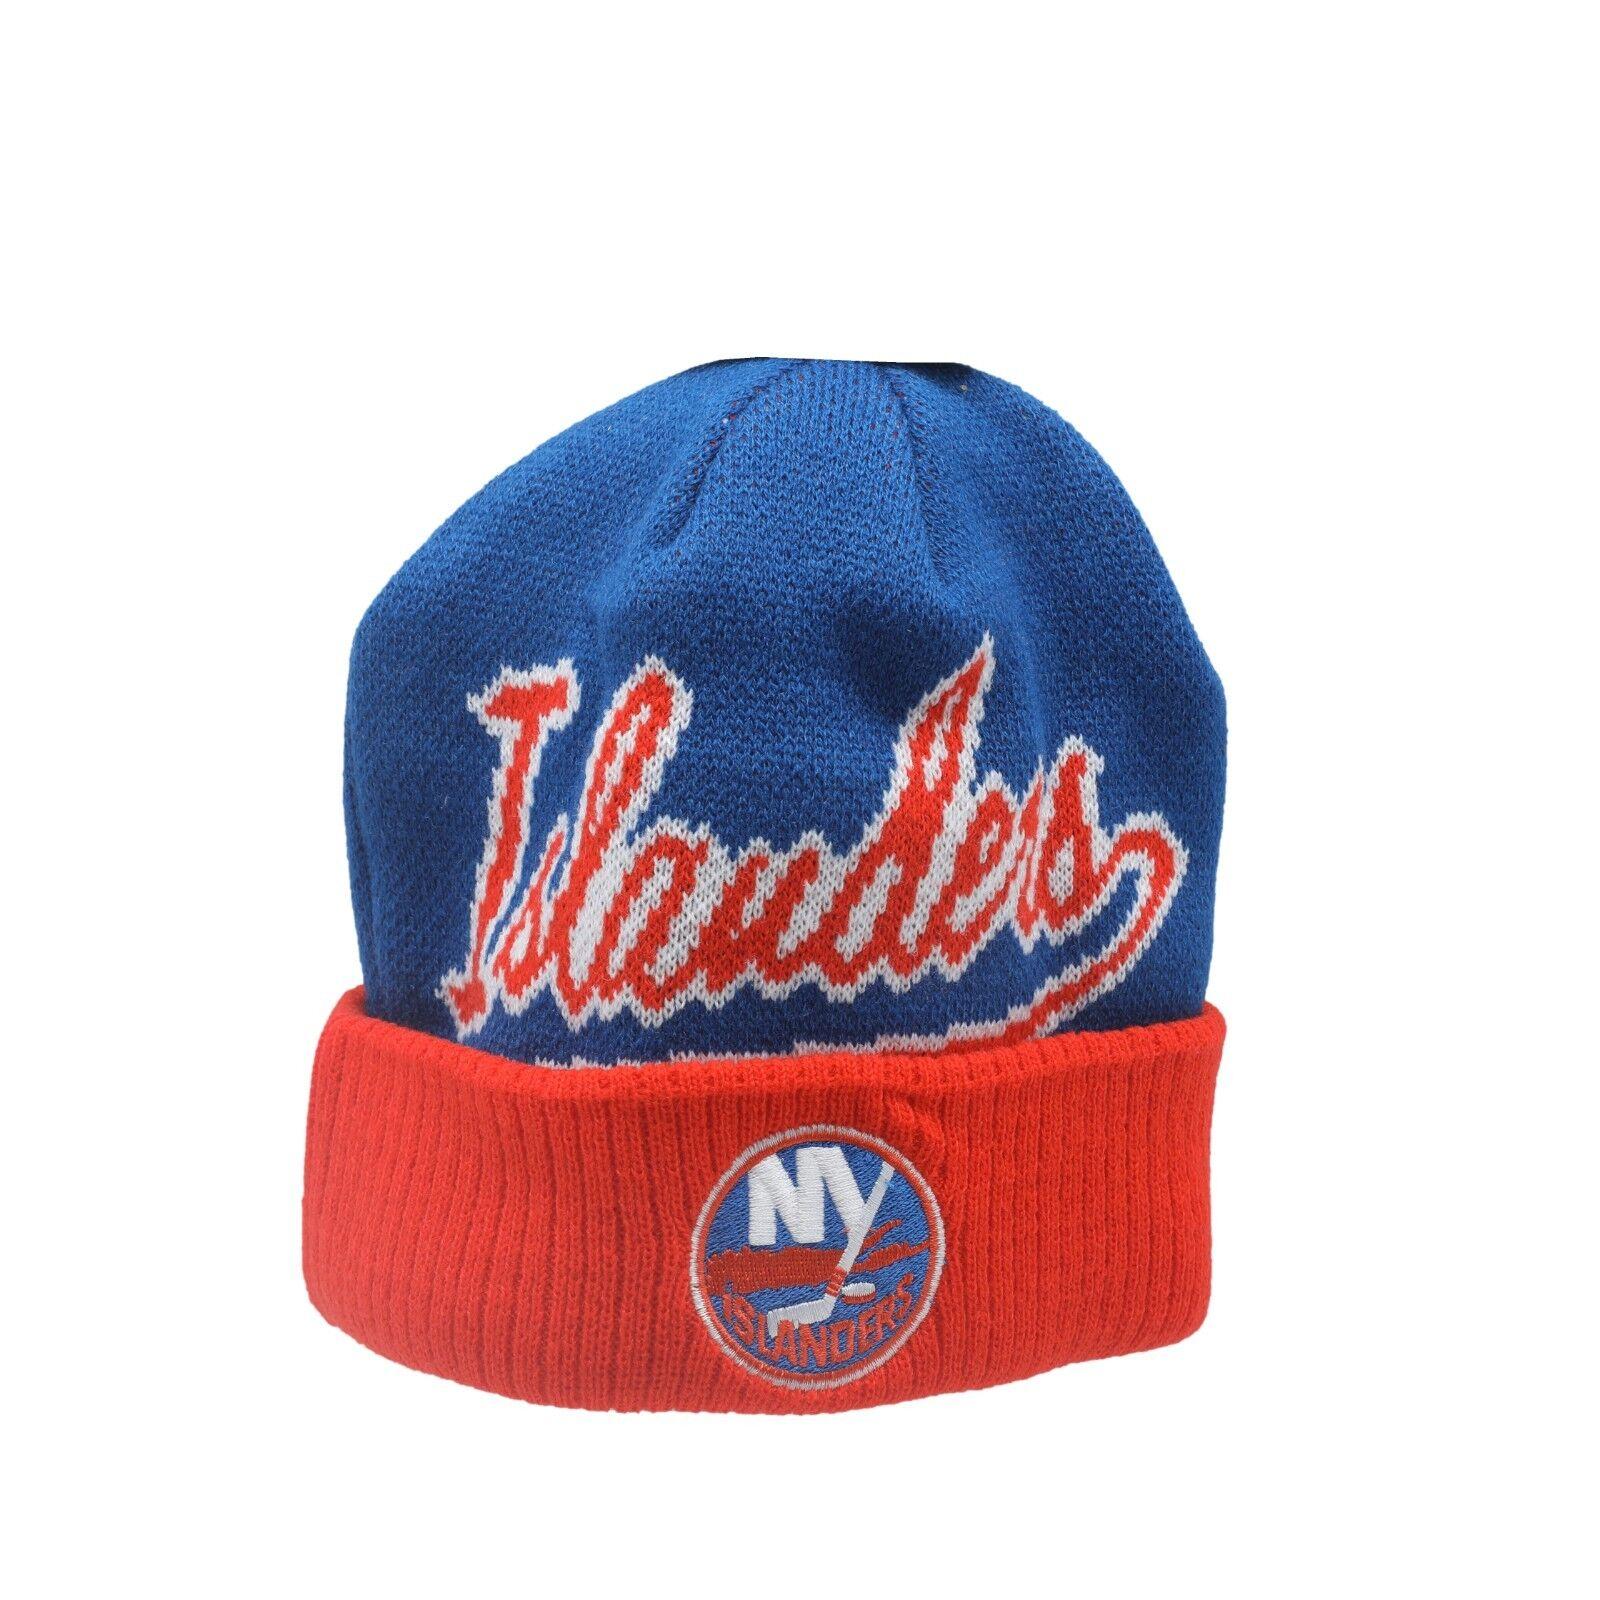 0b583065c30 New York Islanders NHL Reebok Youth Boys (8-20) Cuffed Winter Beanie Hat  Cap New